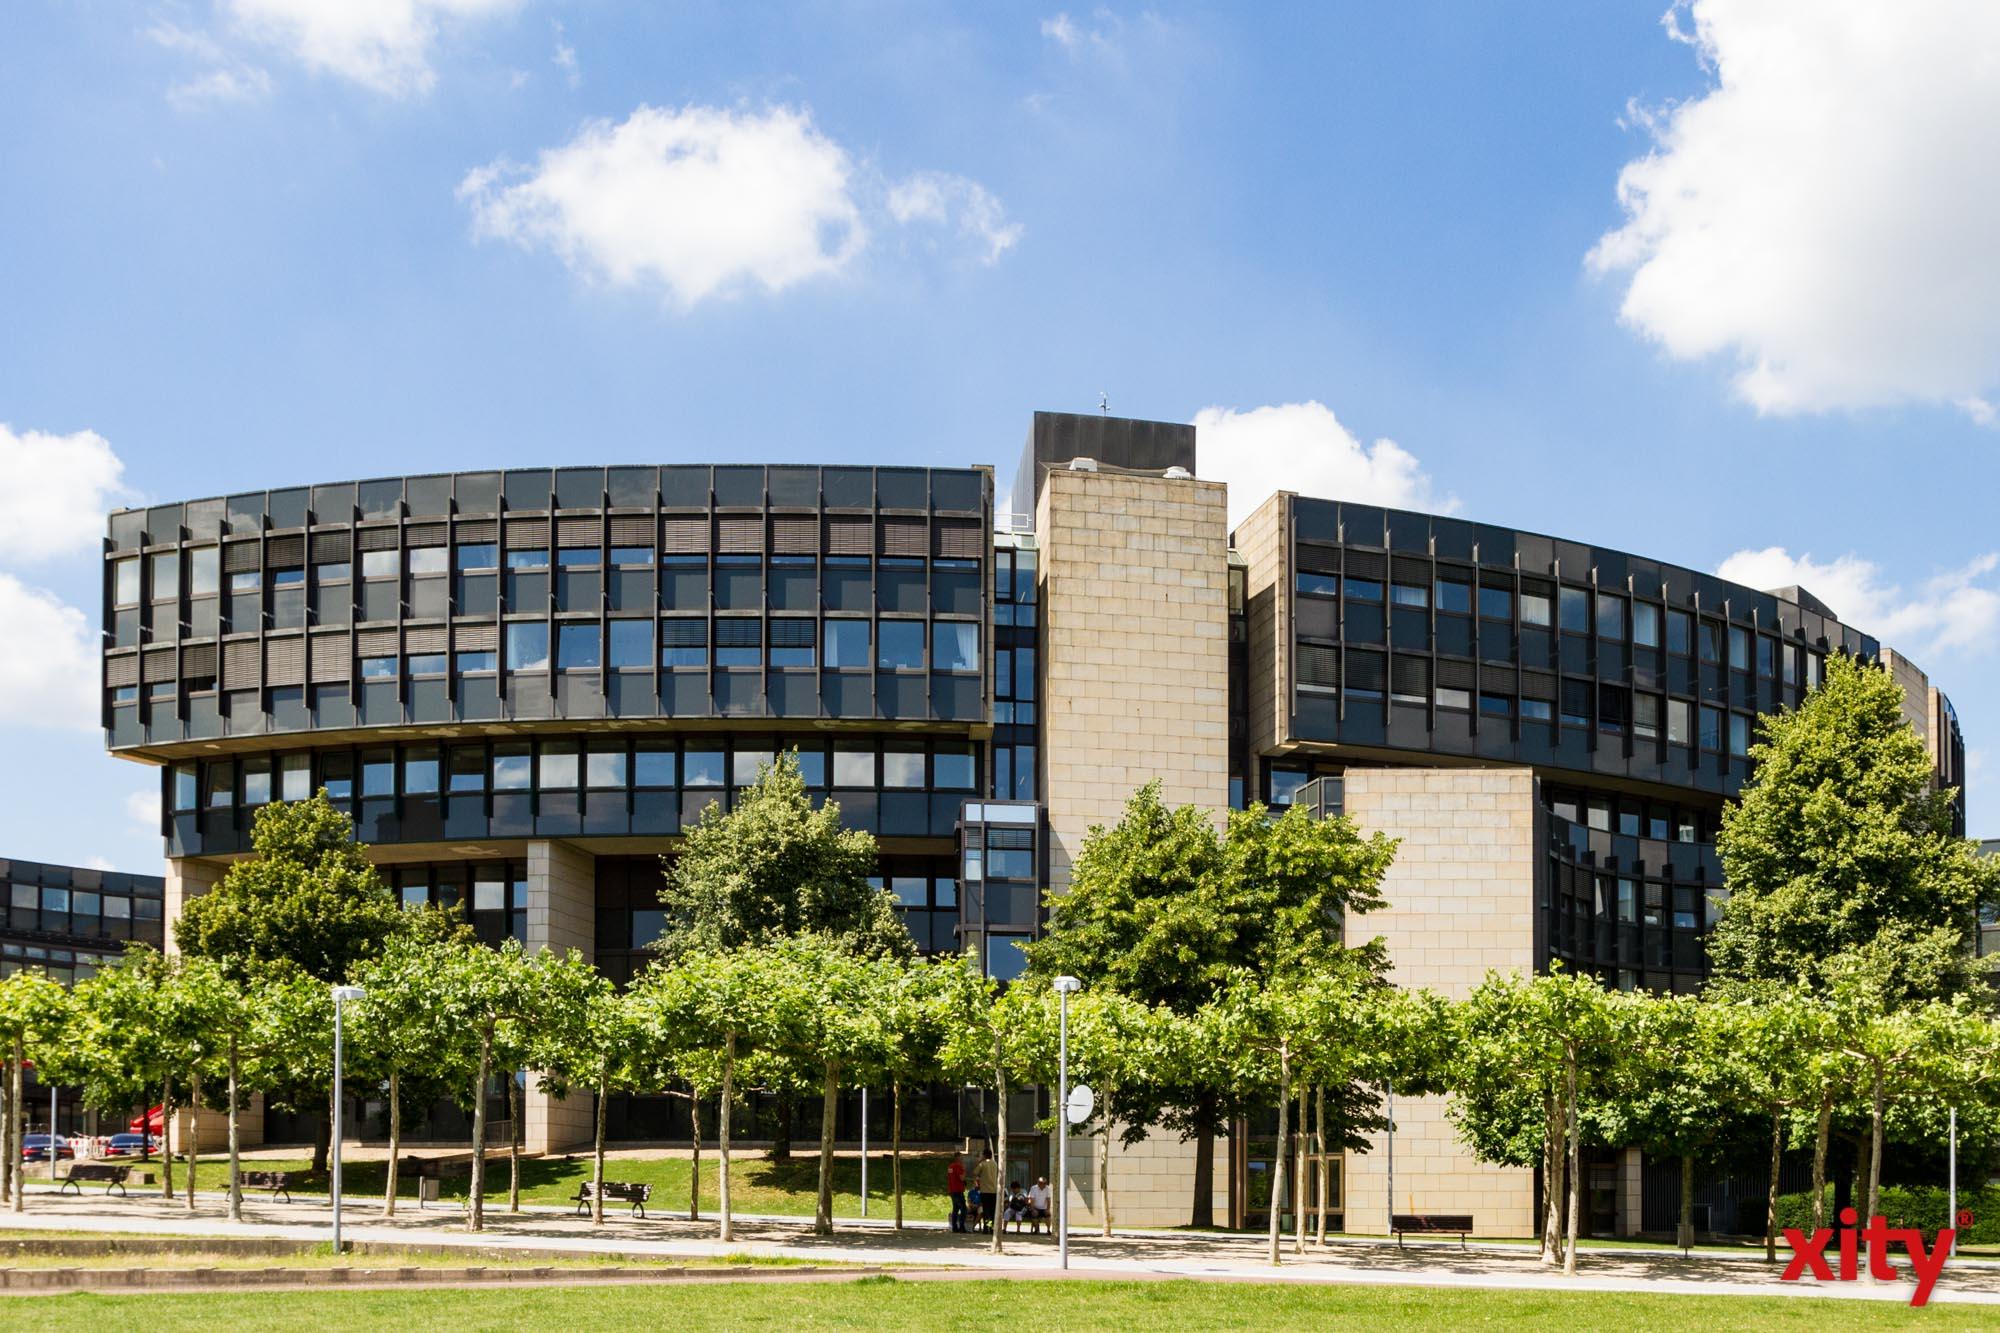 Landtagnrw